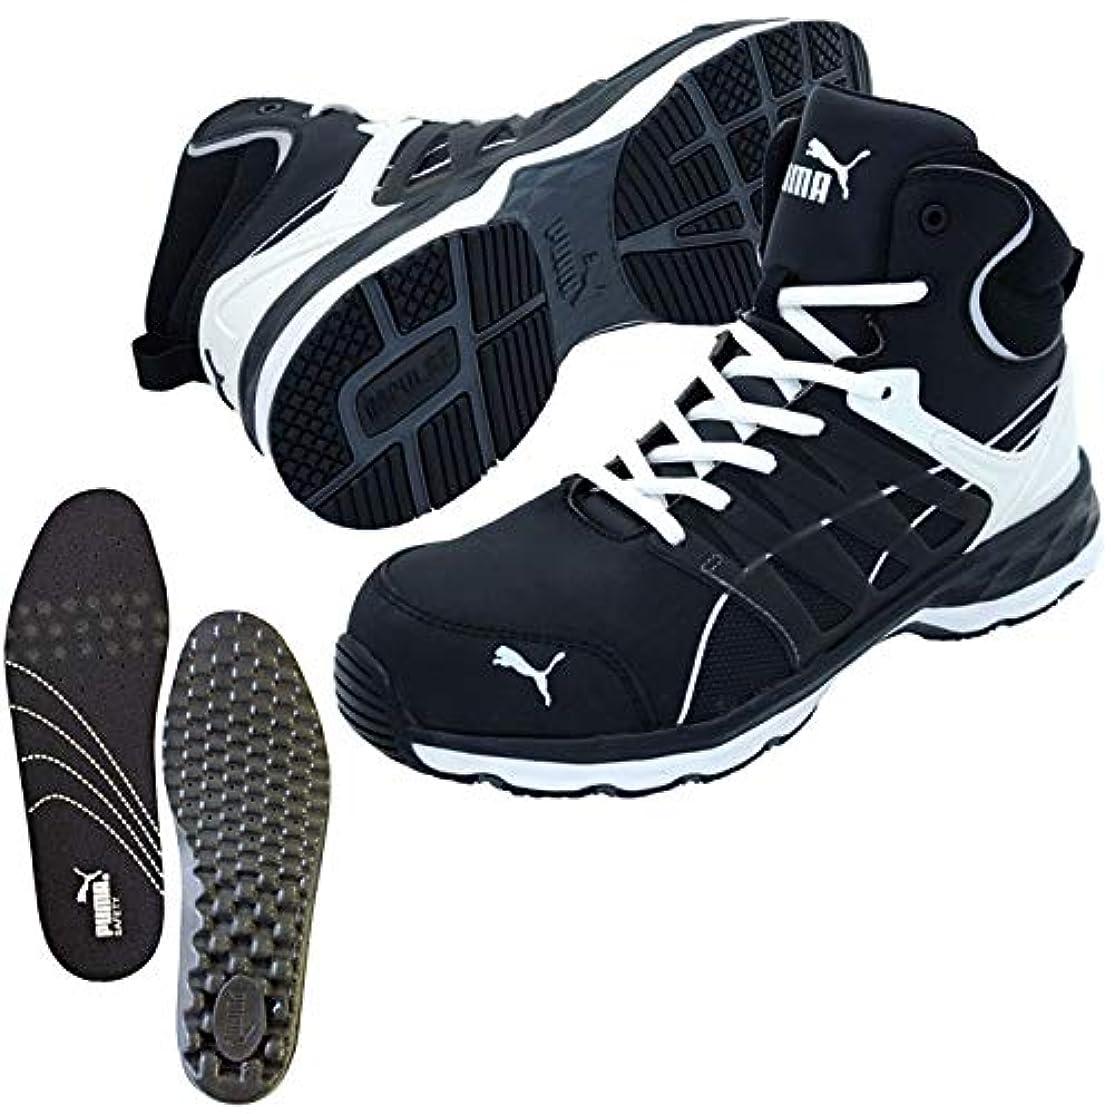 安いです作り絶滅したPUMA(プーマ) 安全靴 ヴェロシティ 26.5cm ブラック×ホワイト インソール付セット 63.342.0&20.450.0